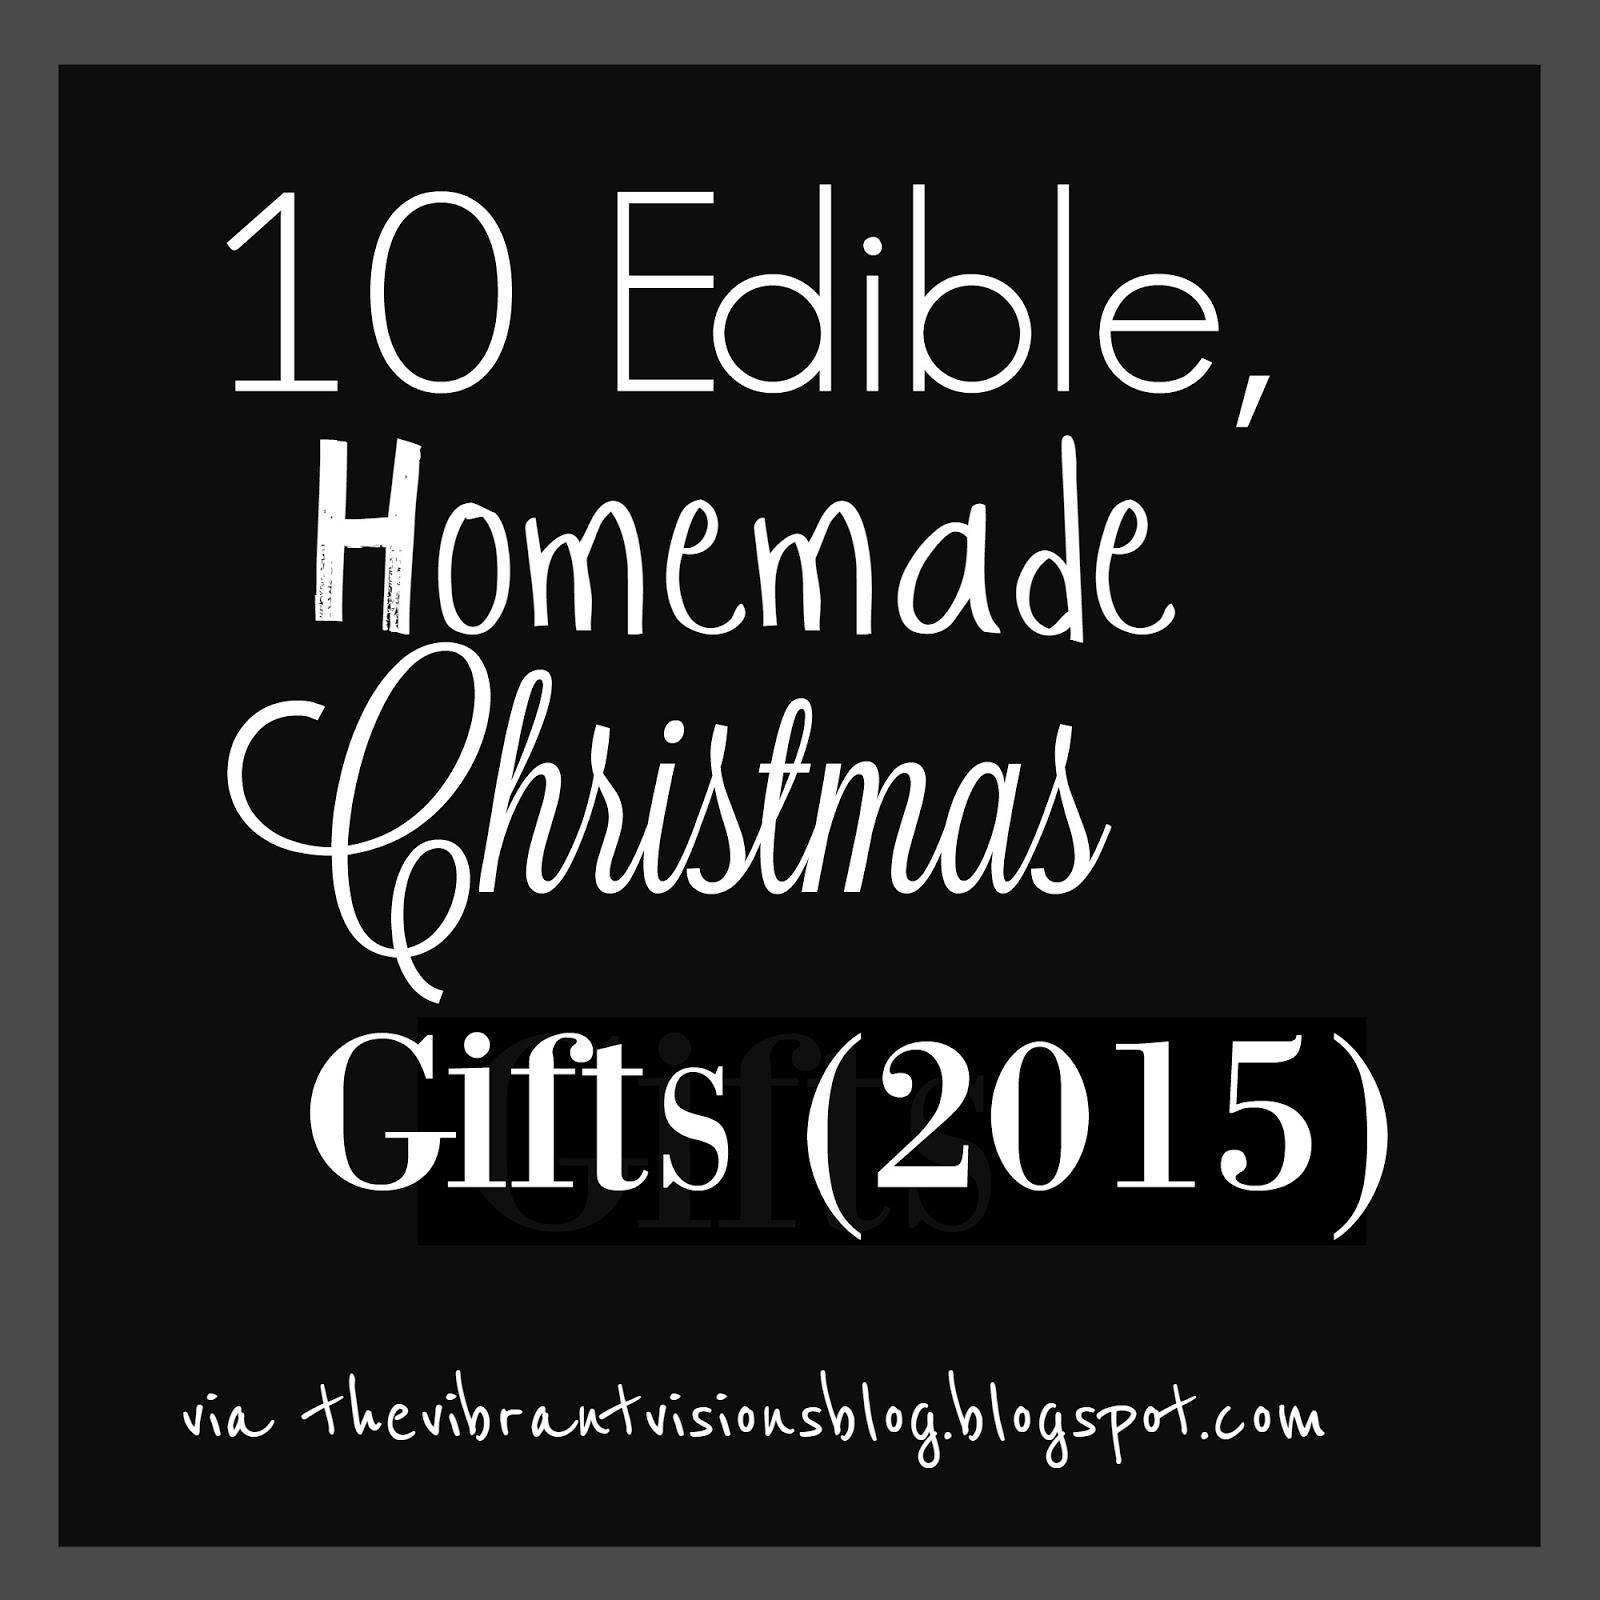 The Vibrant Visions Blog 10 Edible Homemade Christmas